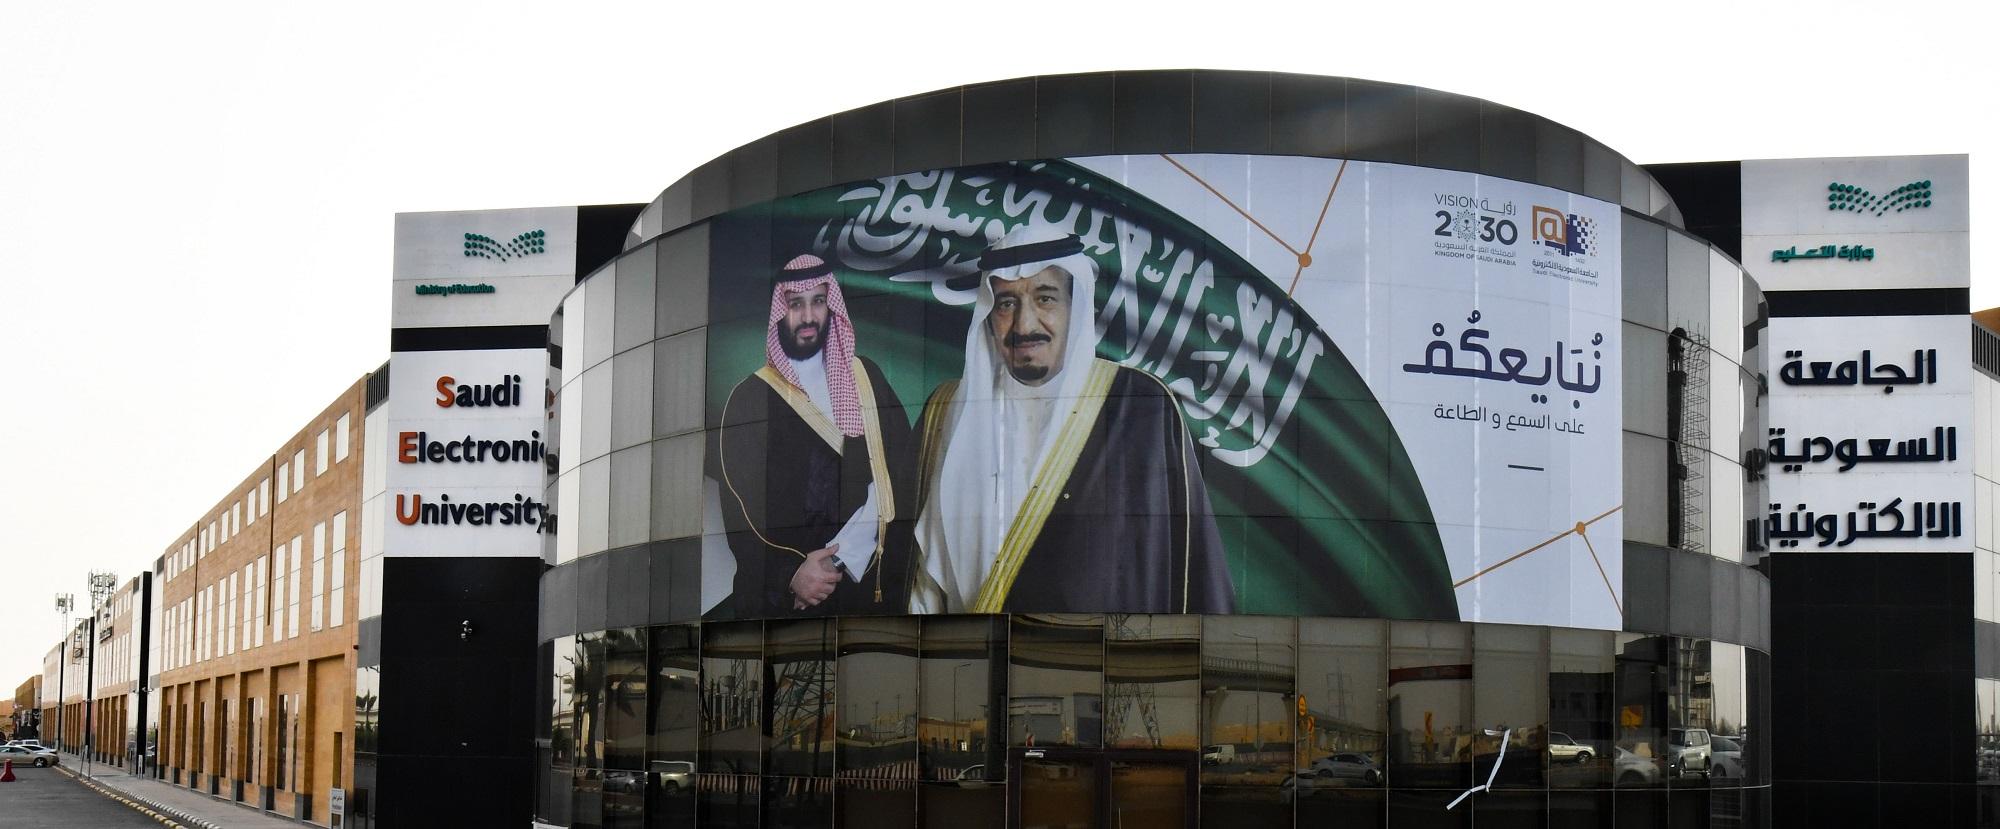 مدير الجامعة الإلكترونية يهنئ الأمير محمد بن سلمان باختياره ولي ا للعهد